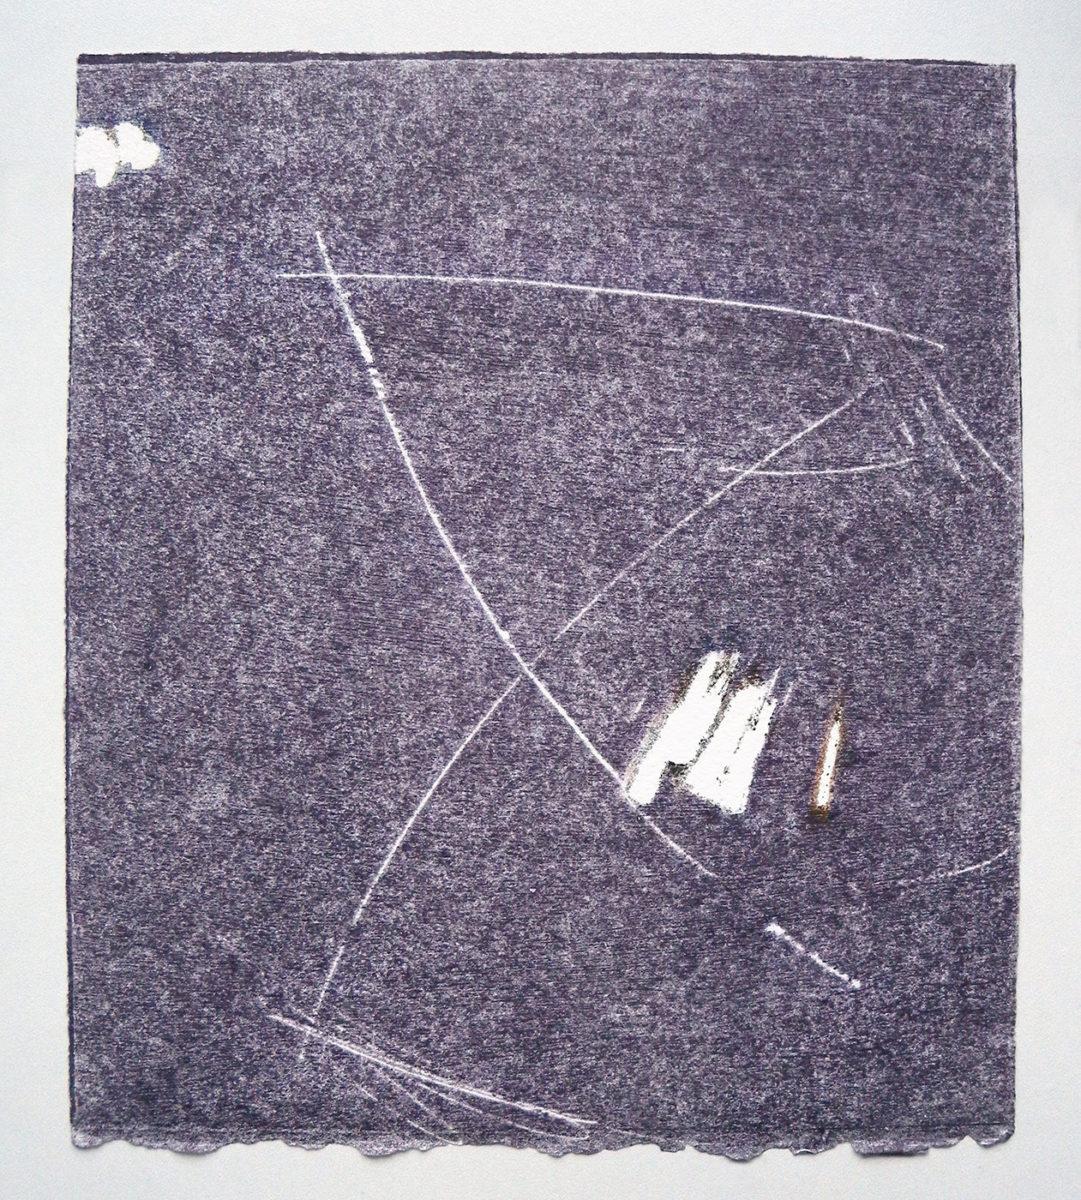 MARC FELD 2012 SONG FOR STEVE LACY 11 Gravure sur bois encre sur papier 25 x 26 cm (Tirage Patrick Vernet)